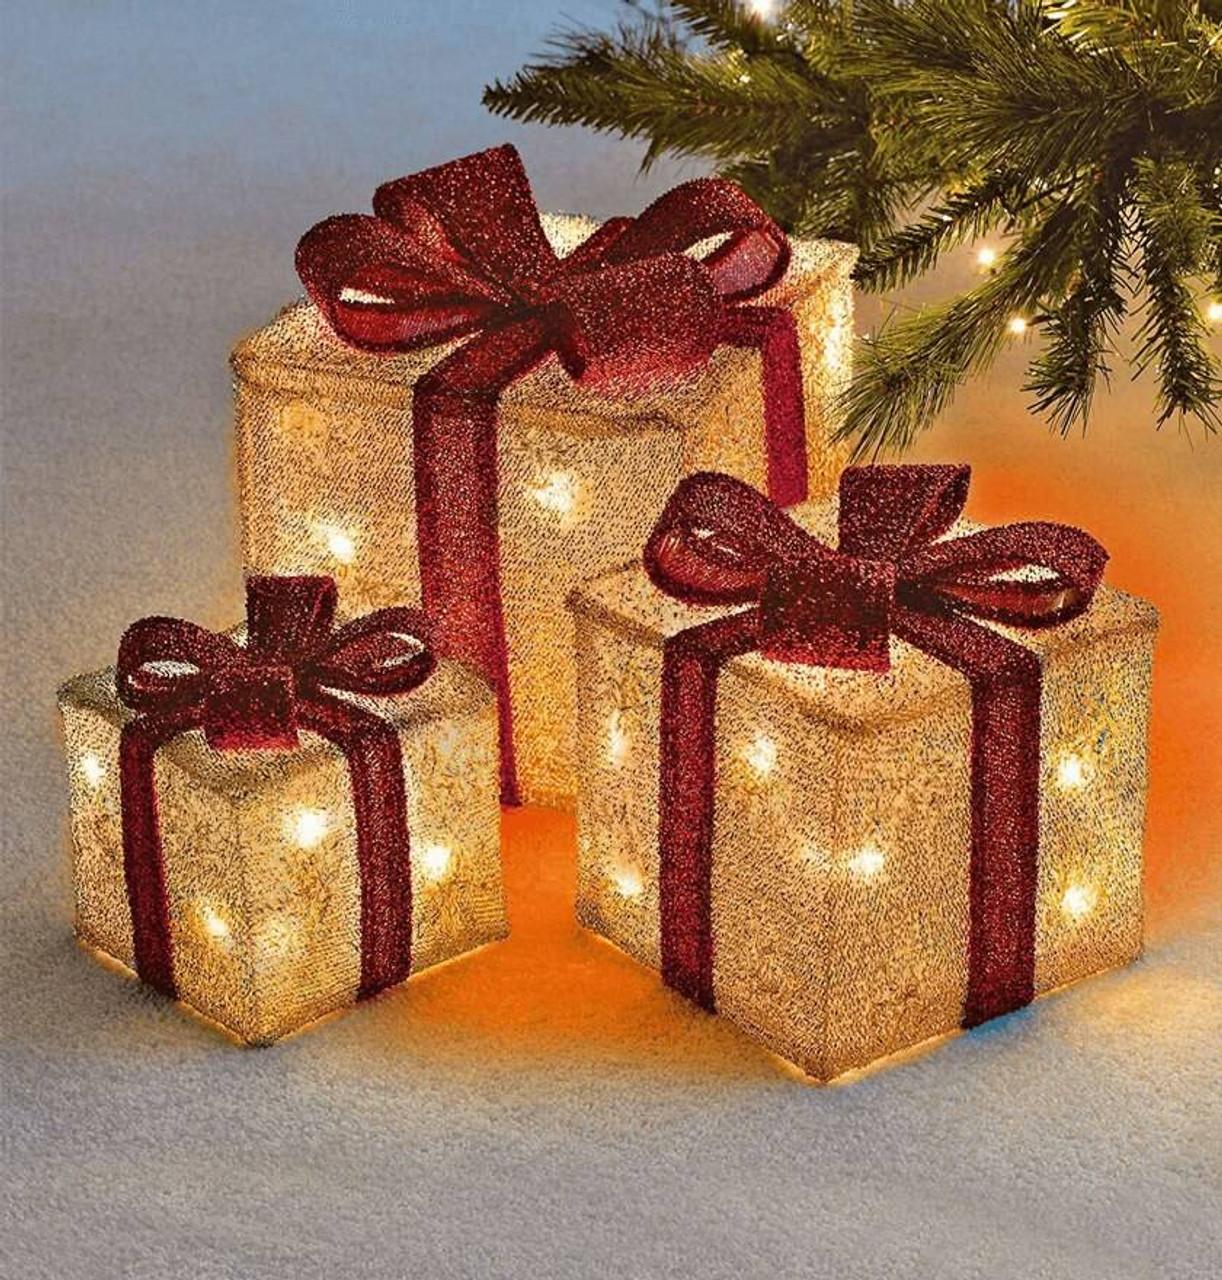 Sentik LED Christmas Parcels Gold (Set of 3)